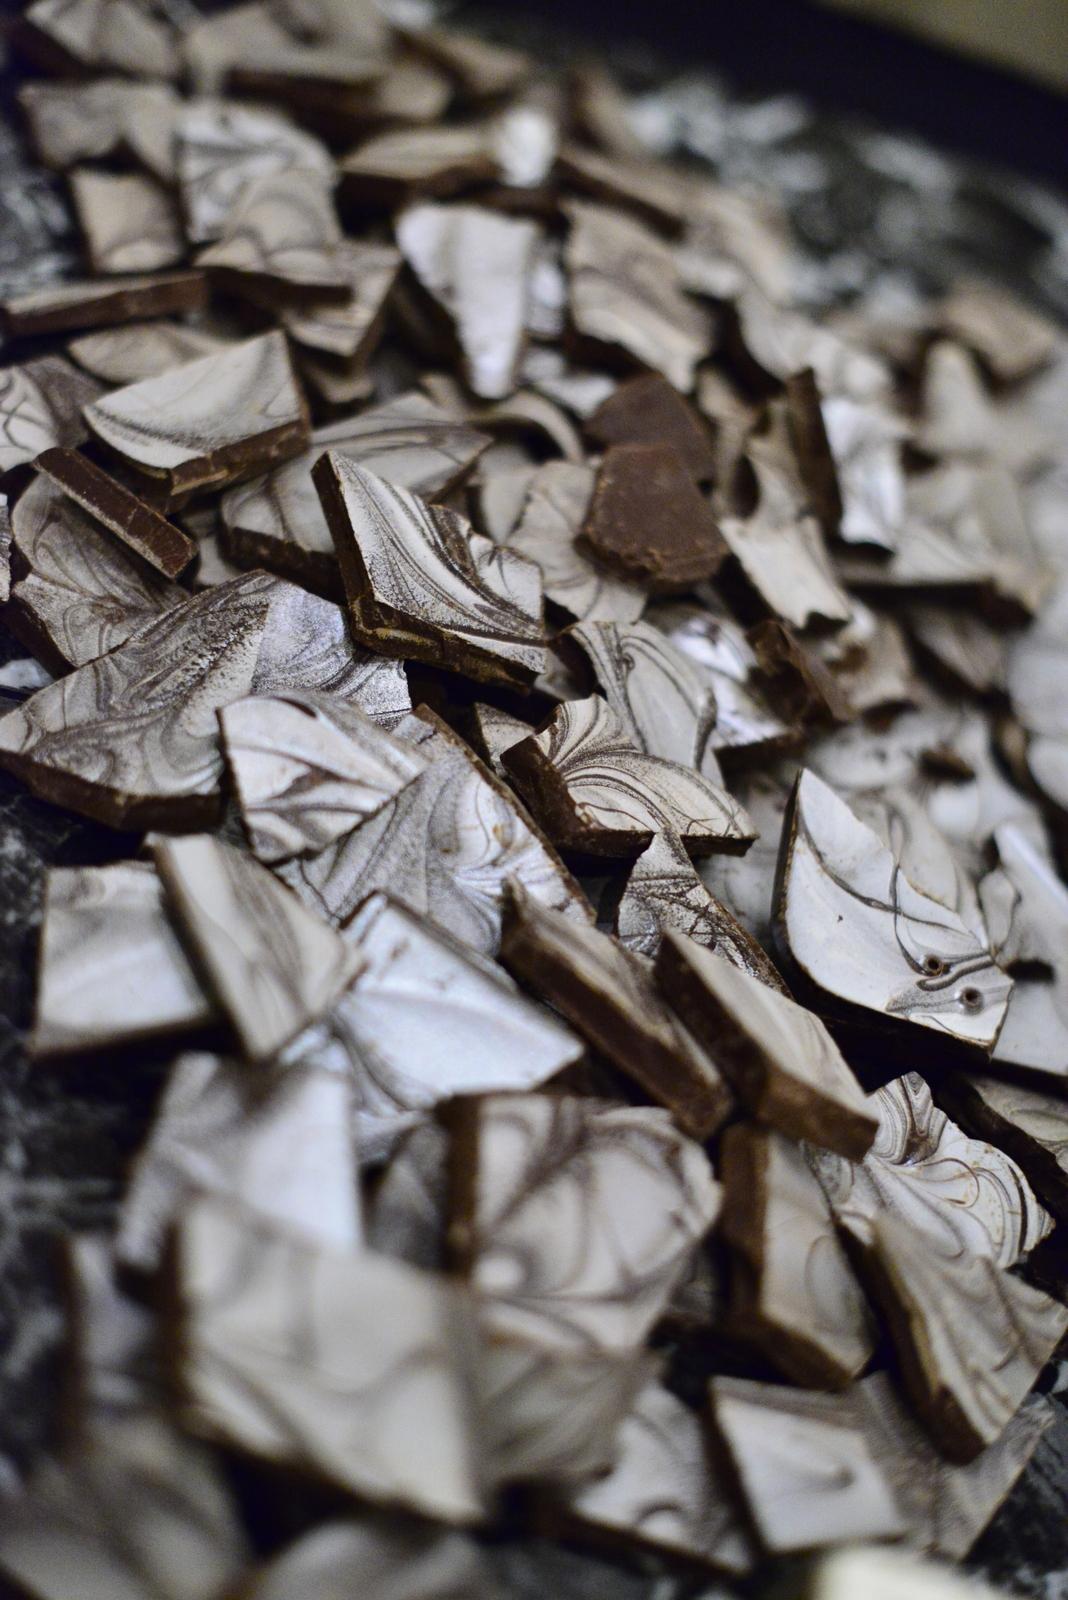 Chocolate Marble - Photo Paul Singer (1).JPG